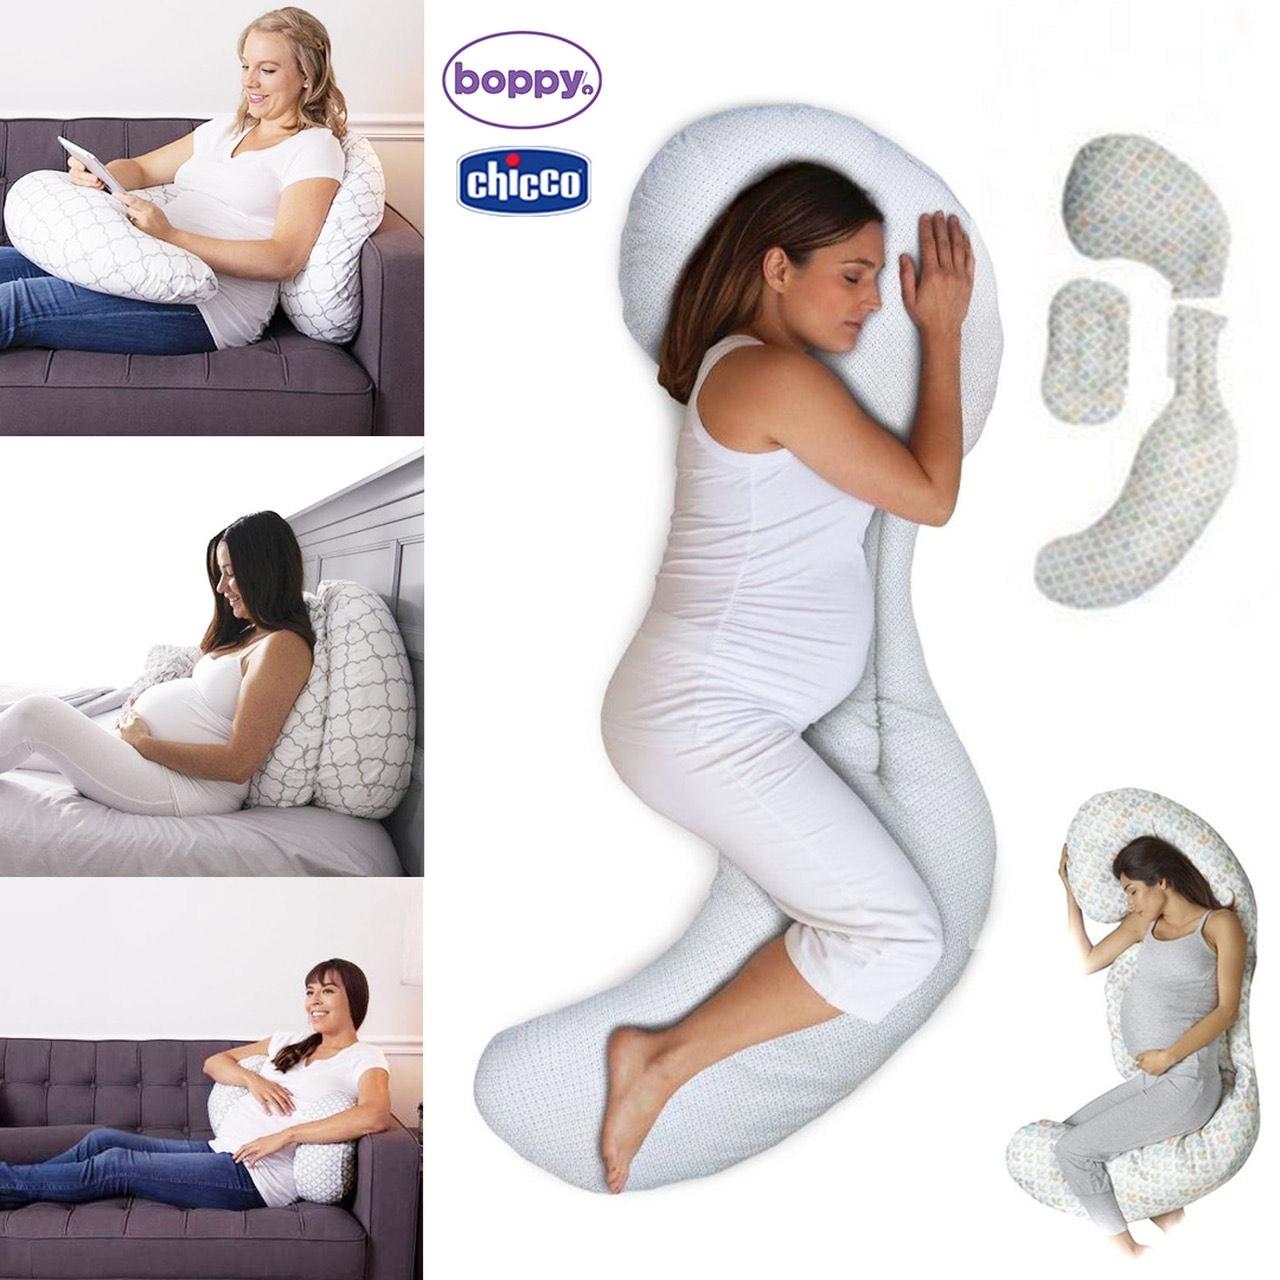 Chicco Boppy Total body zwangerschaps/zijslaapkussen @ Amazon NL & Bol.com